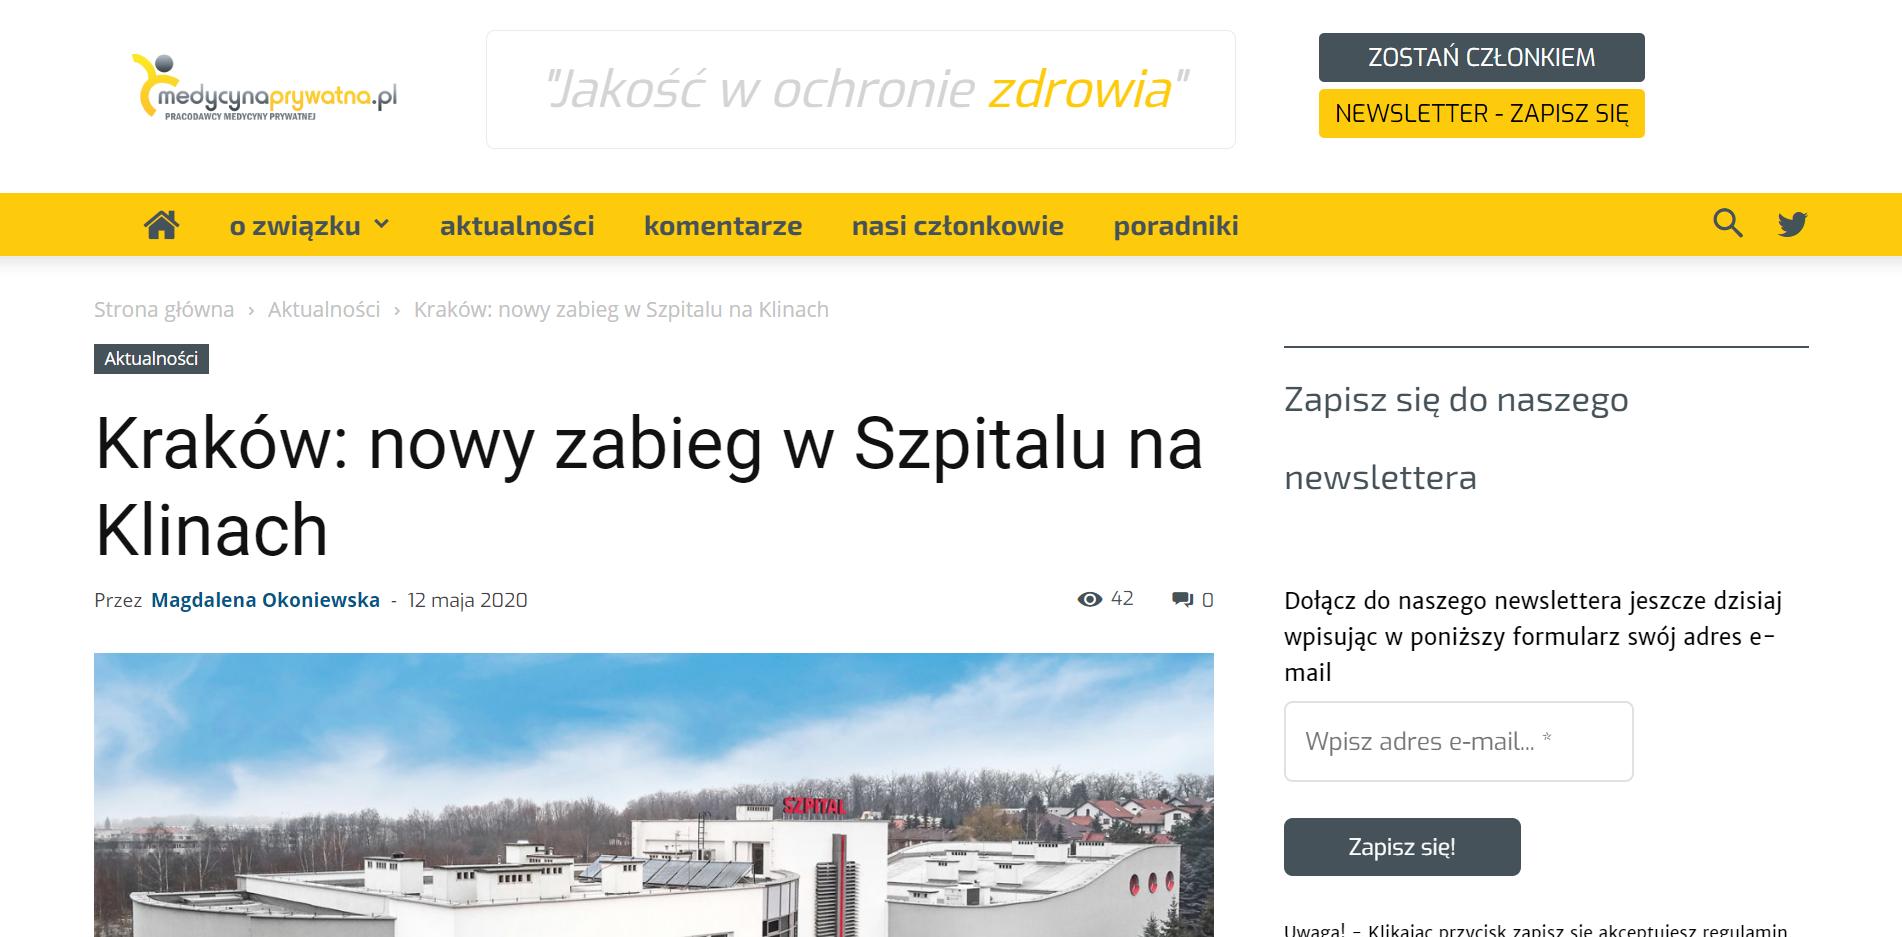 Kraków: nowy zabieg w Szpitalu na Klinach